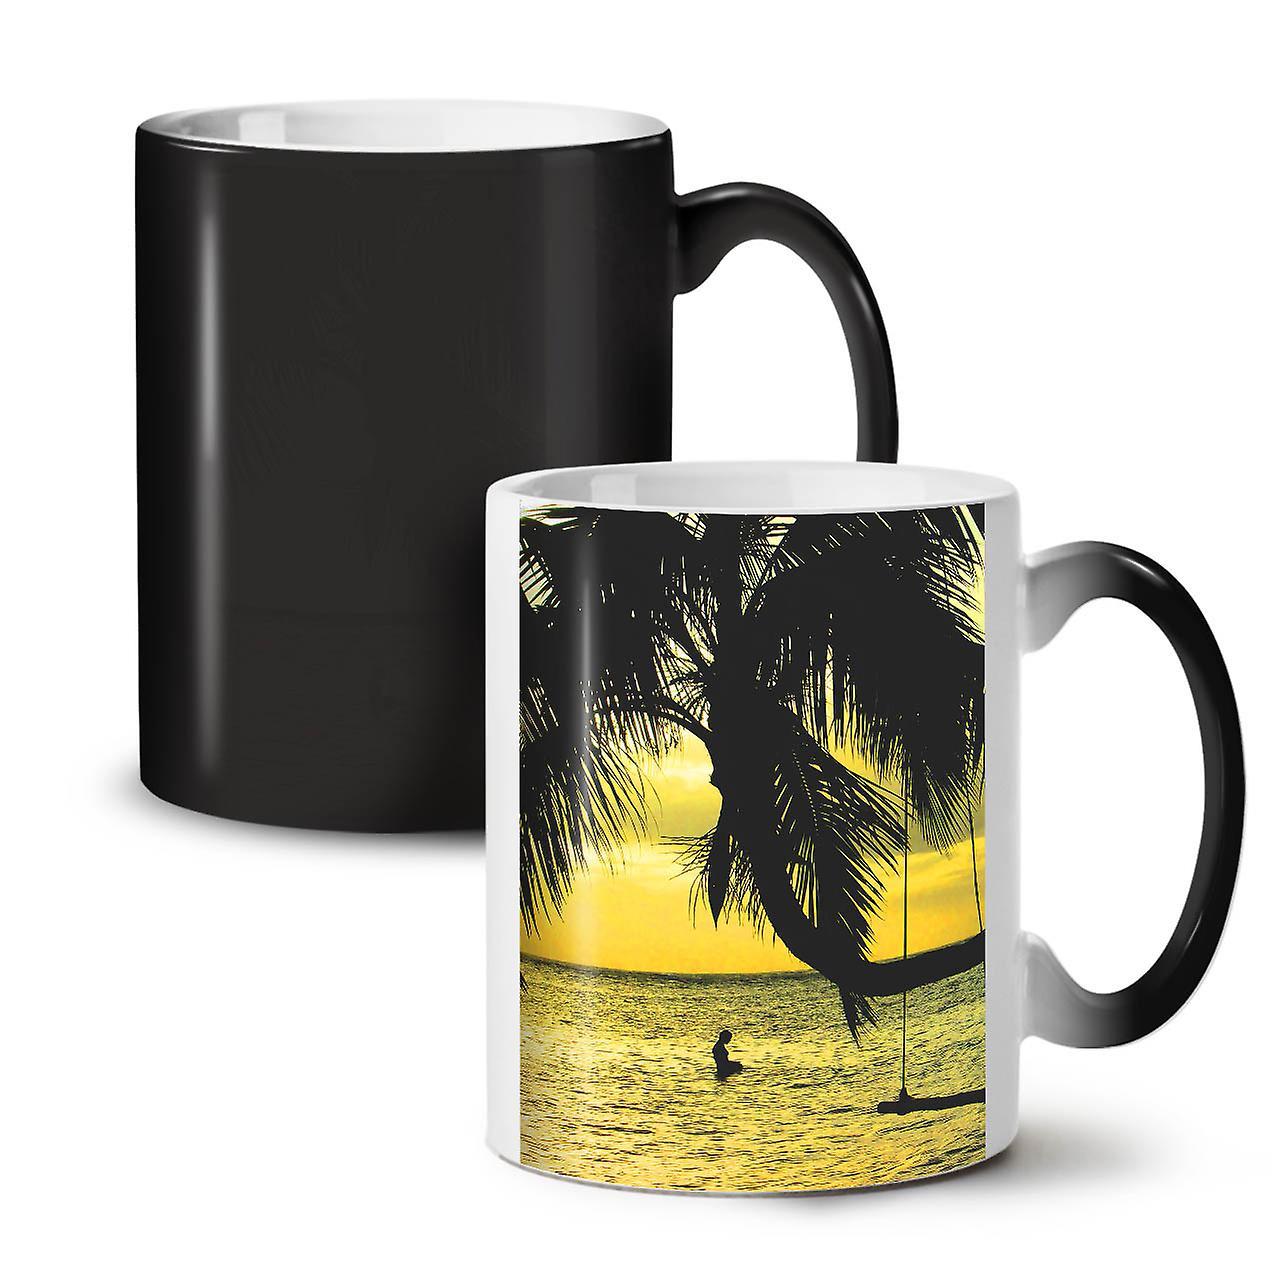 Thé OzWellcoda Tasse Nouvelle Océan Nature Mer Couleur Noir 11 Photo Céramique Changeant Café vm0w8ONn